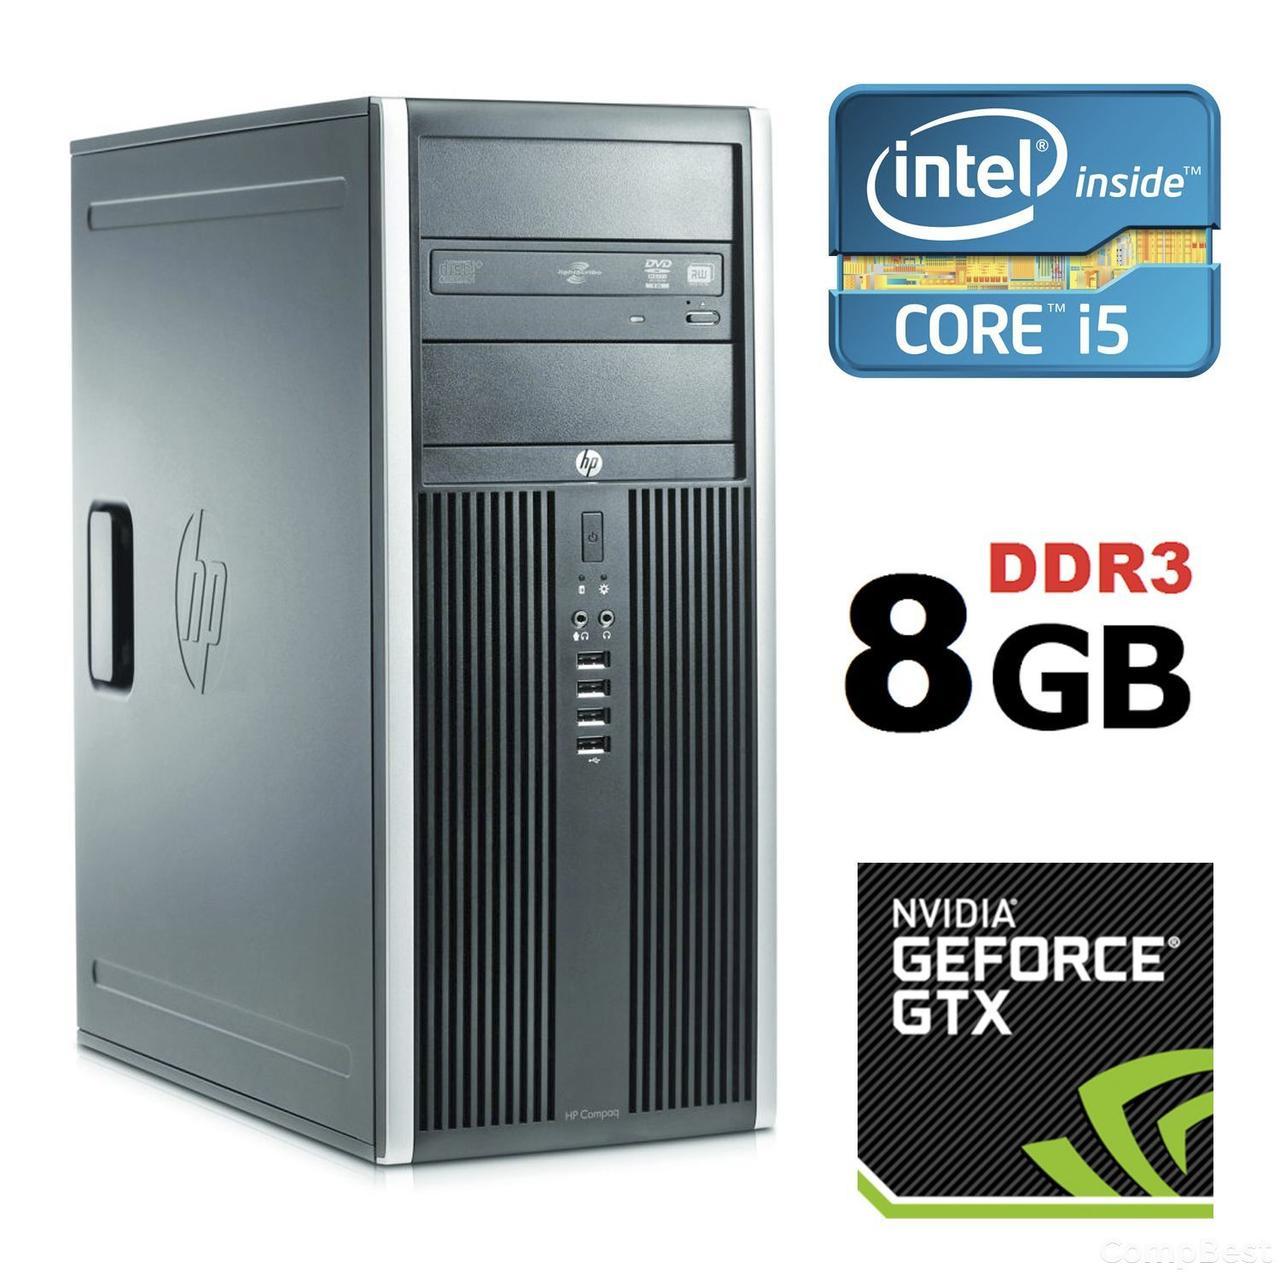 HP Compaq 8100 Elite MT / Intel® Core™ i5-650 (2 (4) ядра по 3.20 - 3.46 GHz)  / 8 Gb DDR 3 / 500 GB HDD / nVidia Geforсe GTX550 Ti (1 GB 192bit